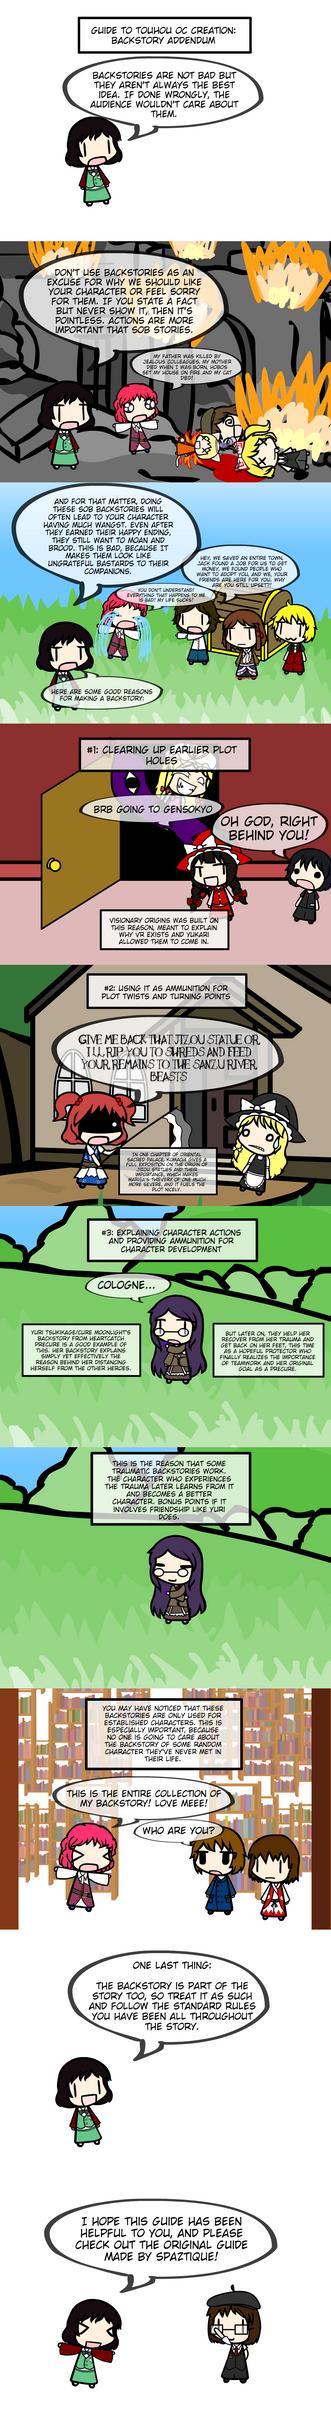 Guide to Touhou OC Creation: Backstory ADDENDUM by Kigurou-Enkou